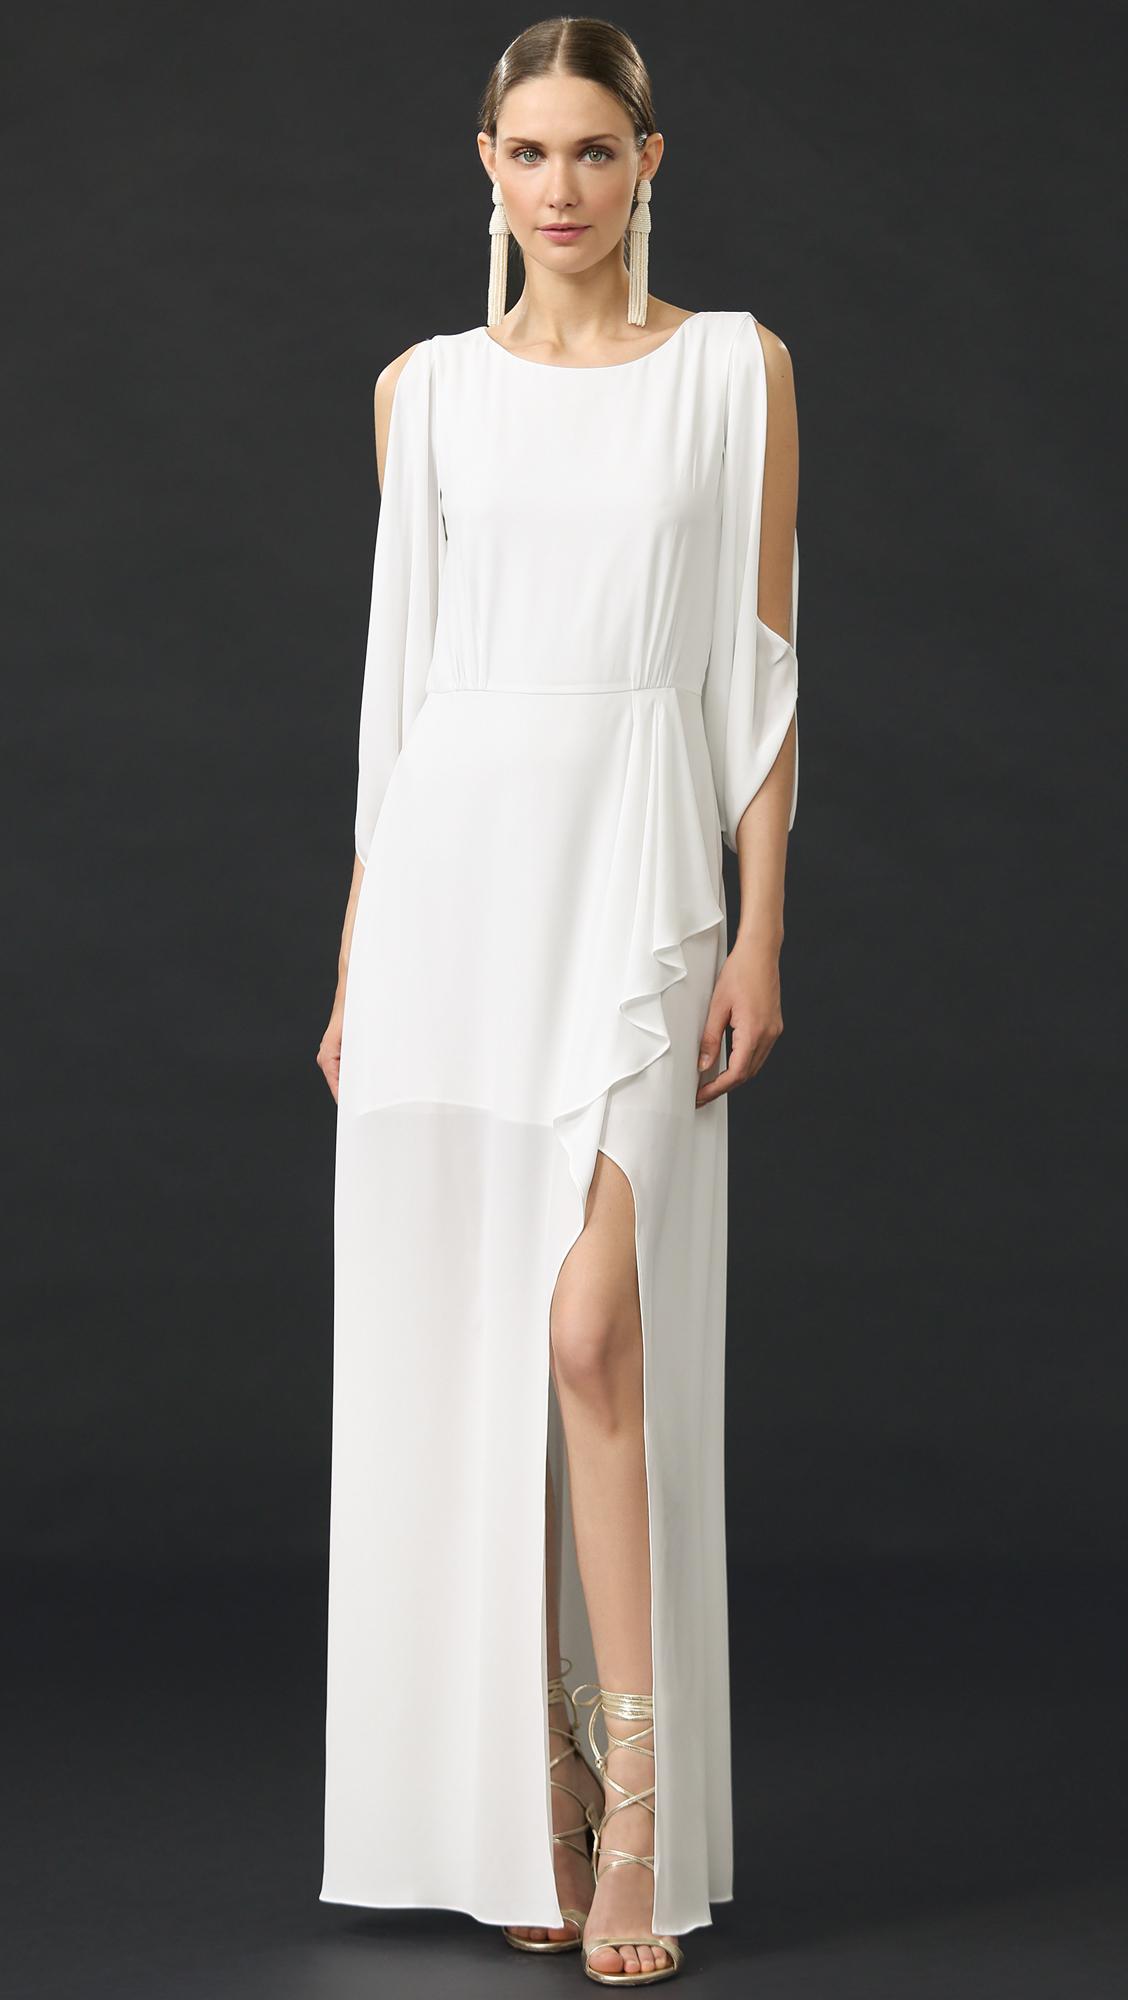 Lyst - Bcbgmaxazria Rayah Gown - White in White